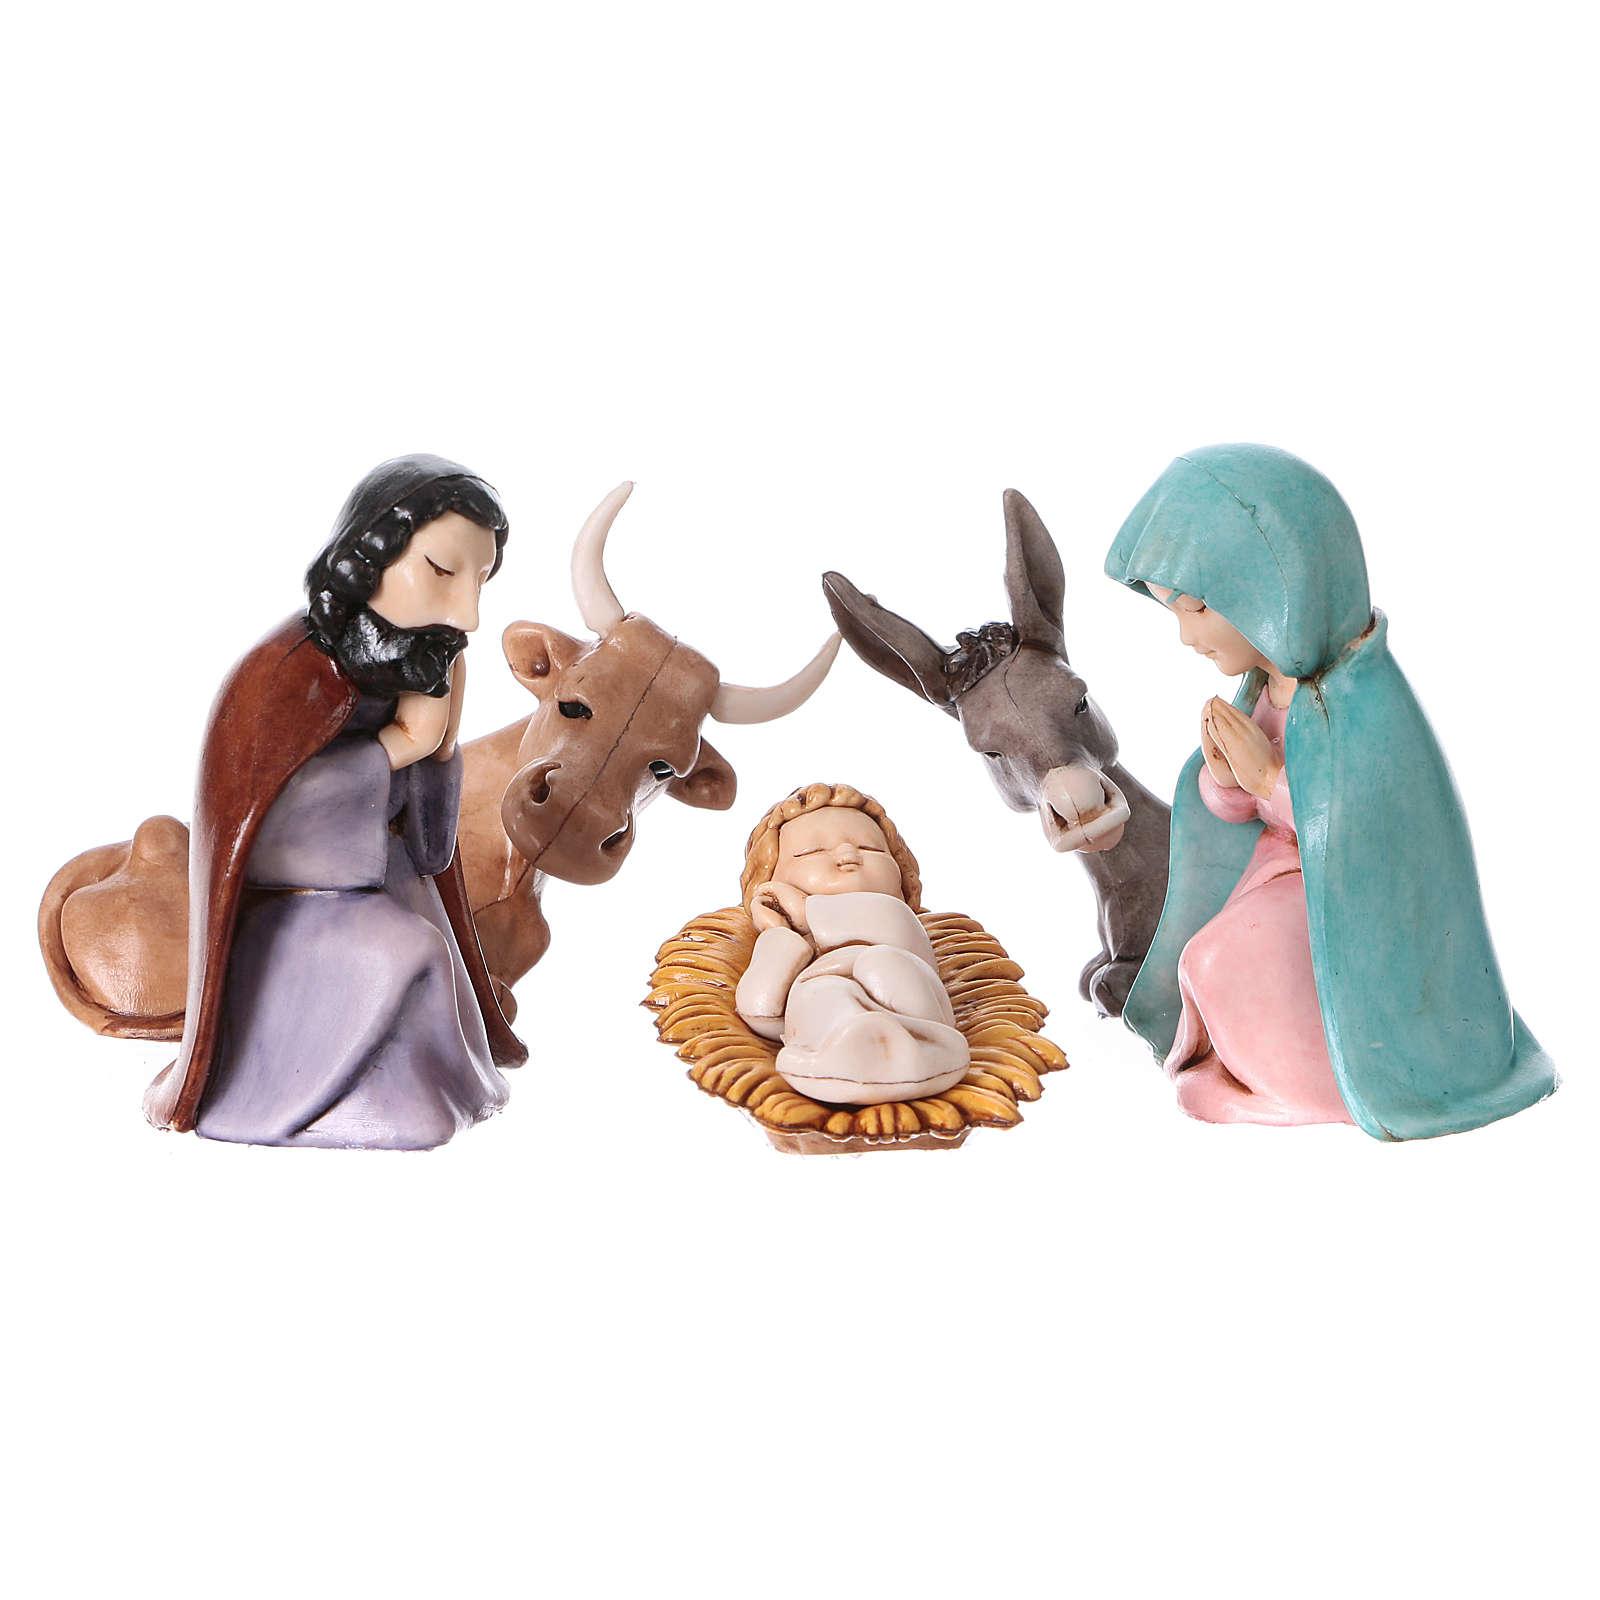 Natività Moranduzzo 7 cm 5 pezzi linea bambini 4